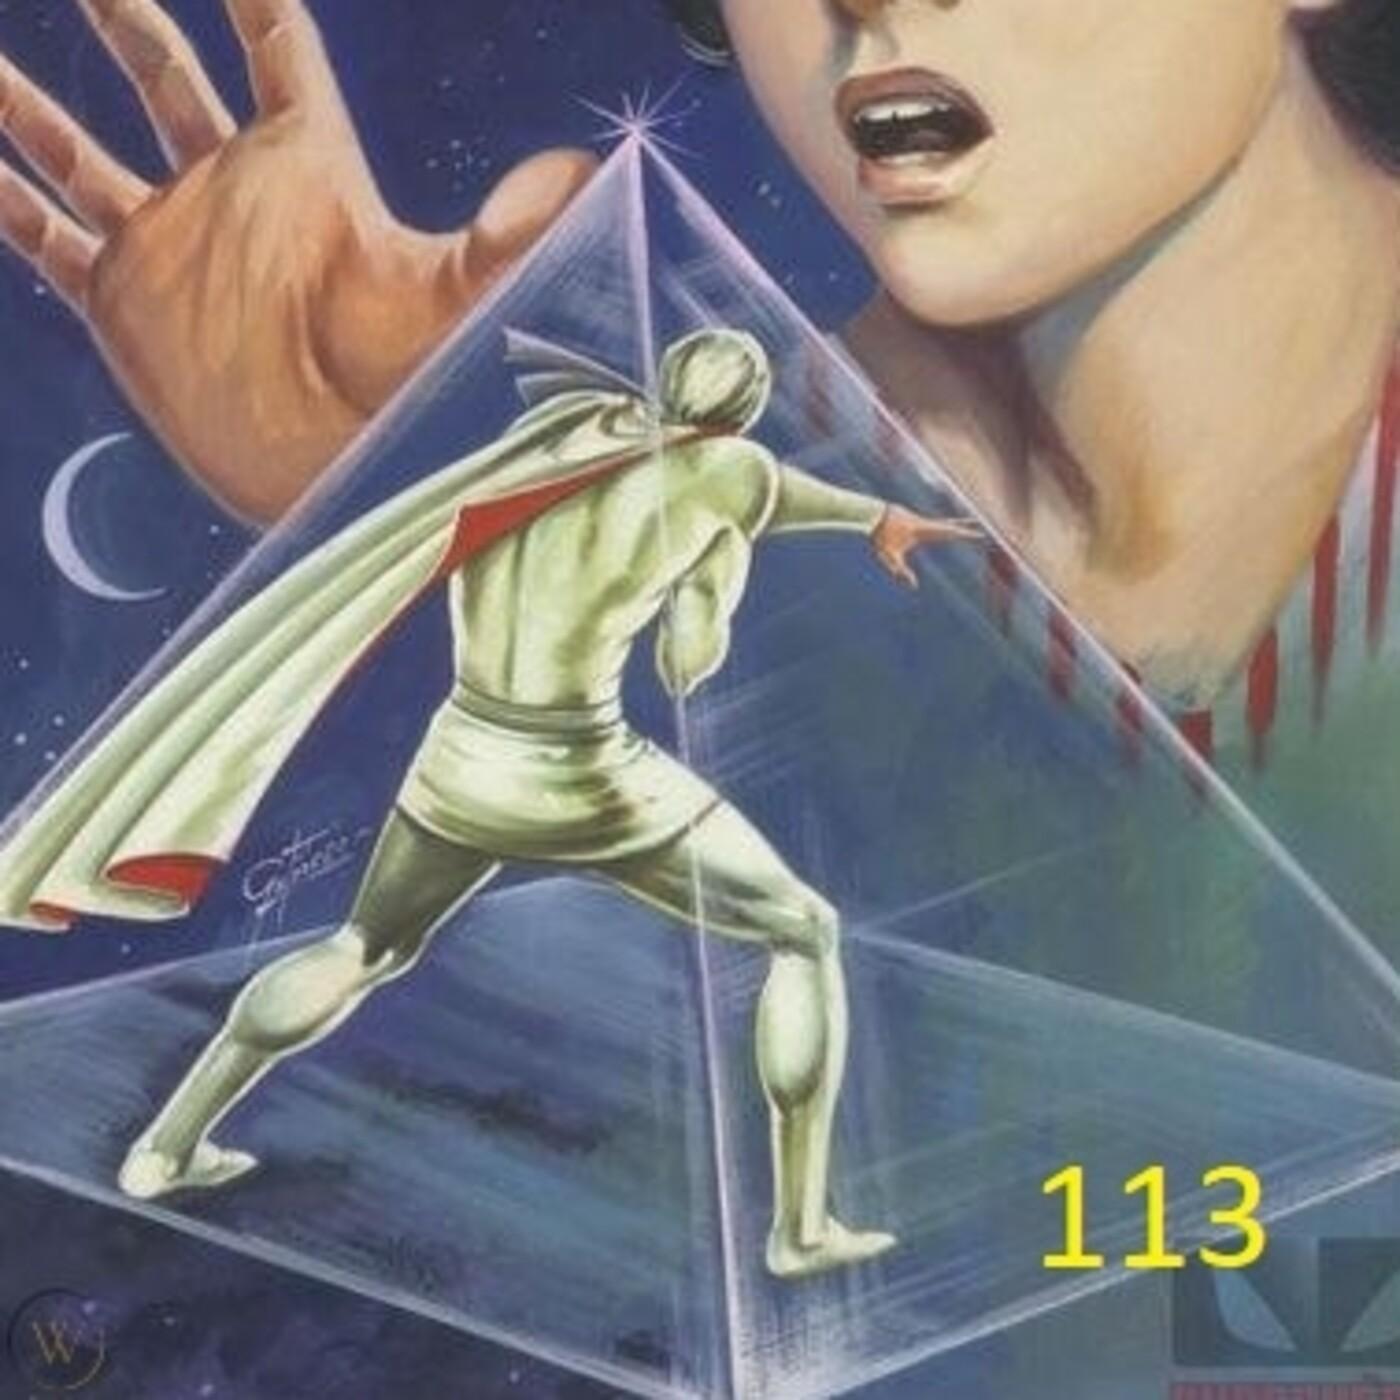 30x113 Muerte en la cuarta dimensión Kaliman